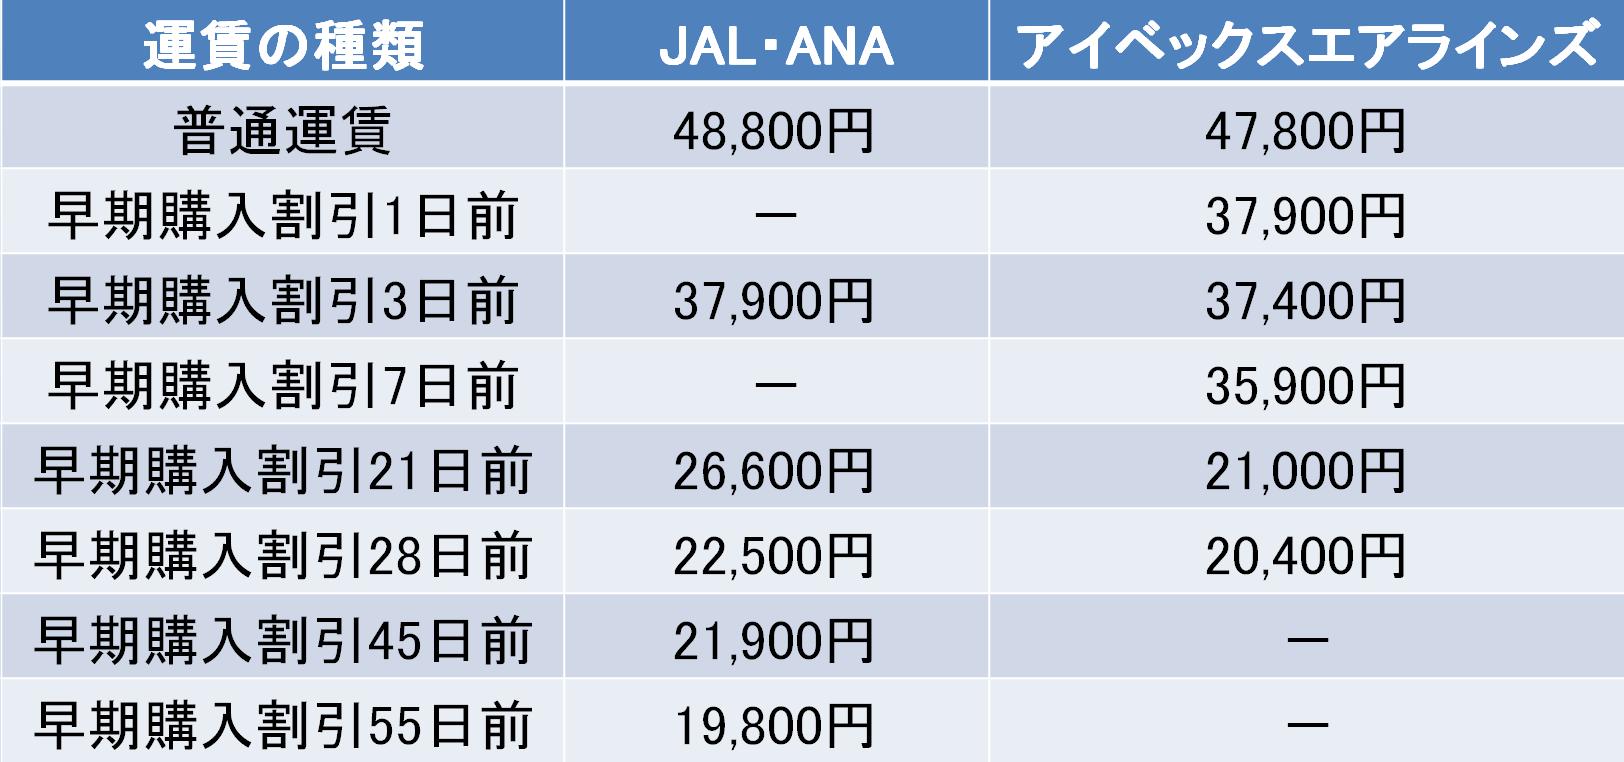 仙台-福岡間の航空券の料金